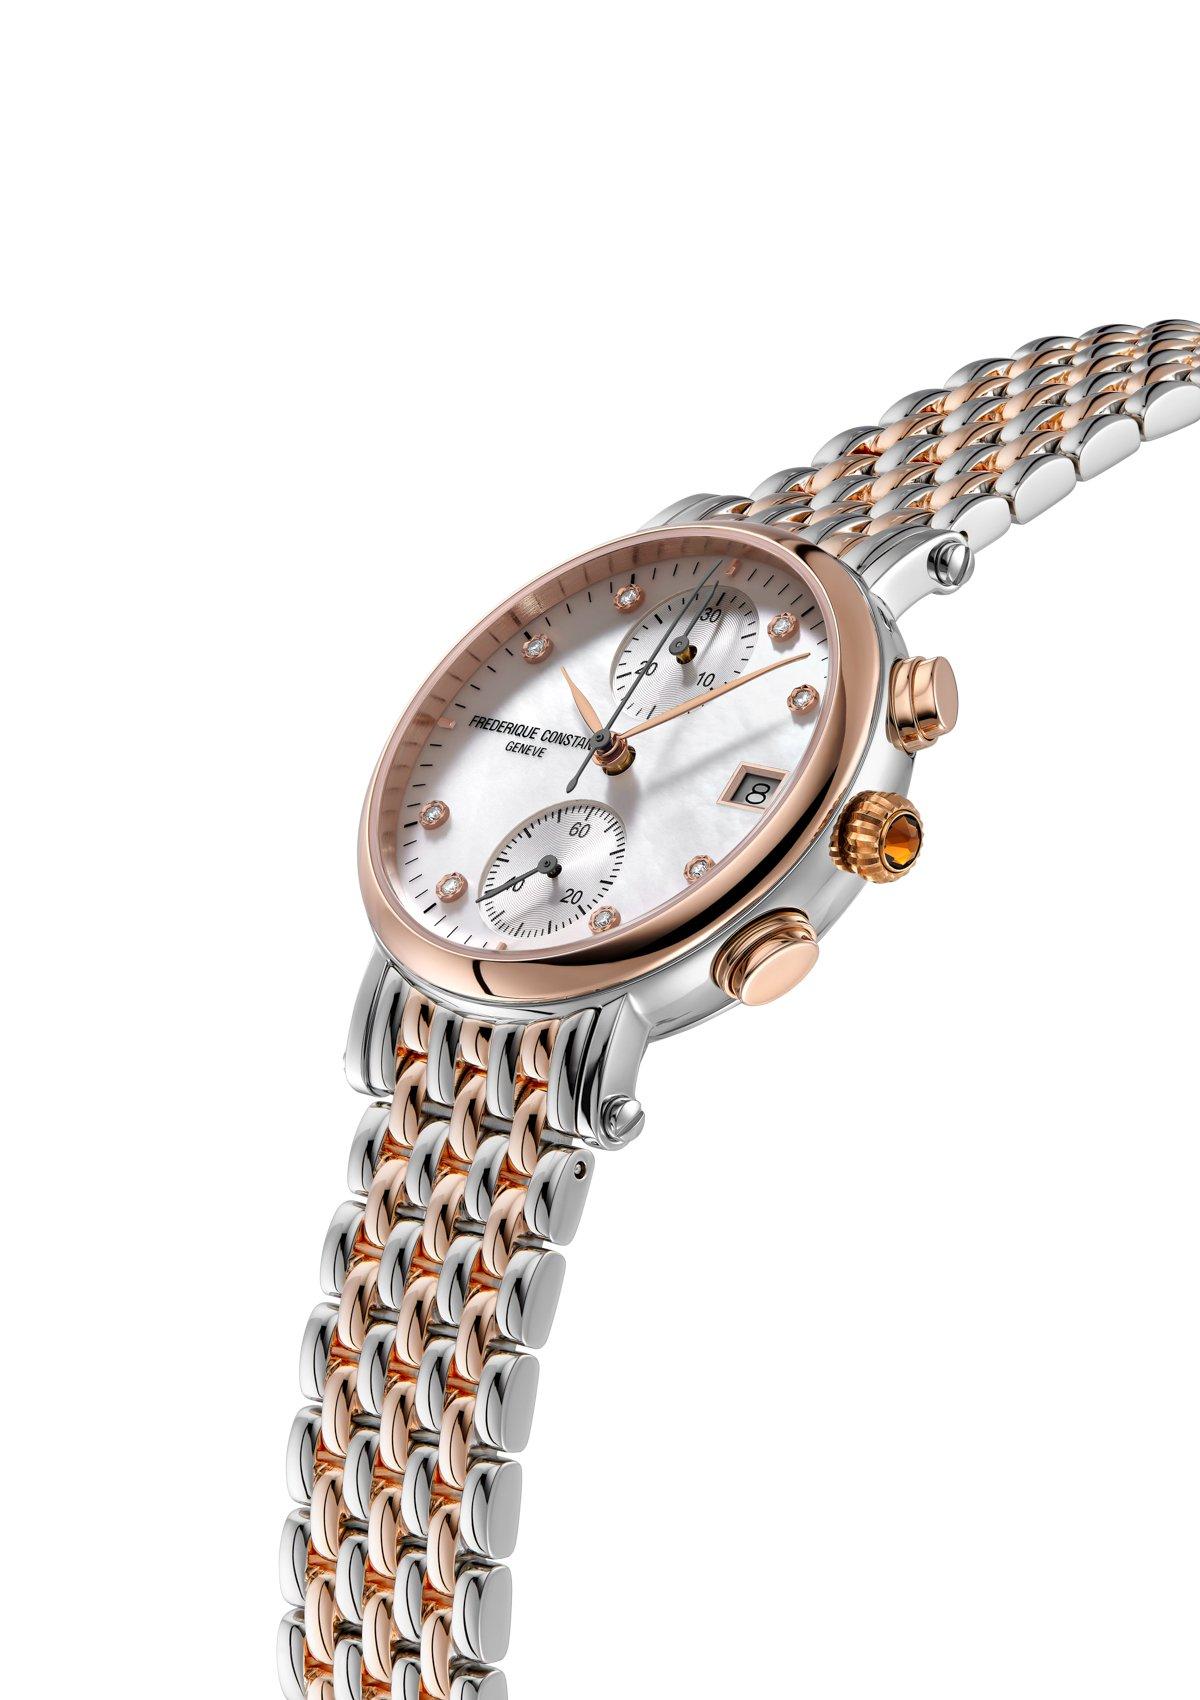 Frédérique Constant Classics Quartz Chronograph Ladies